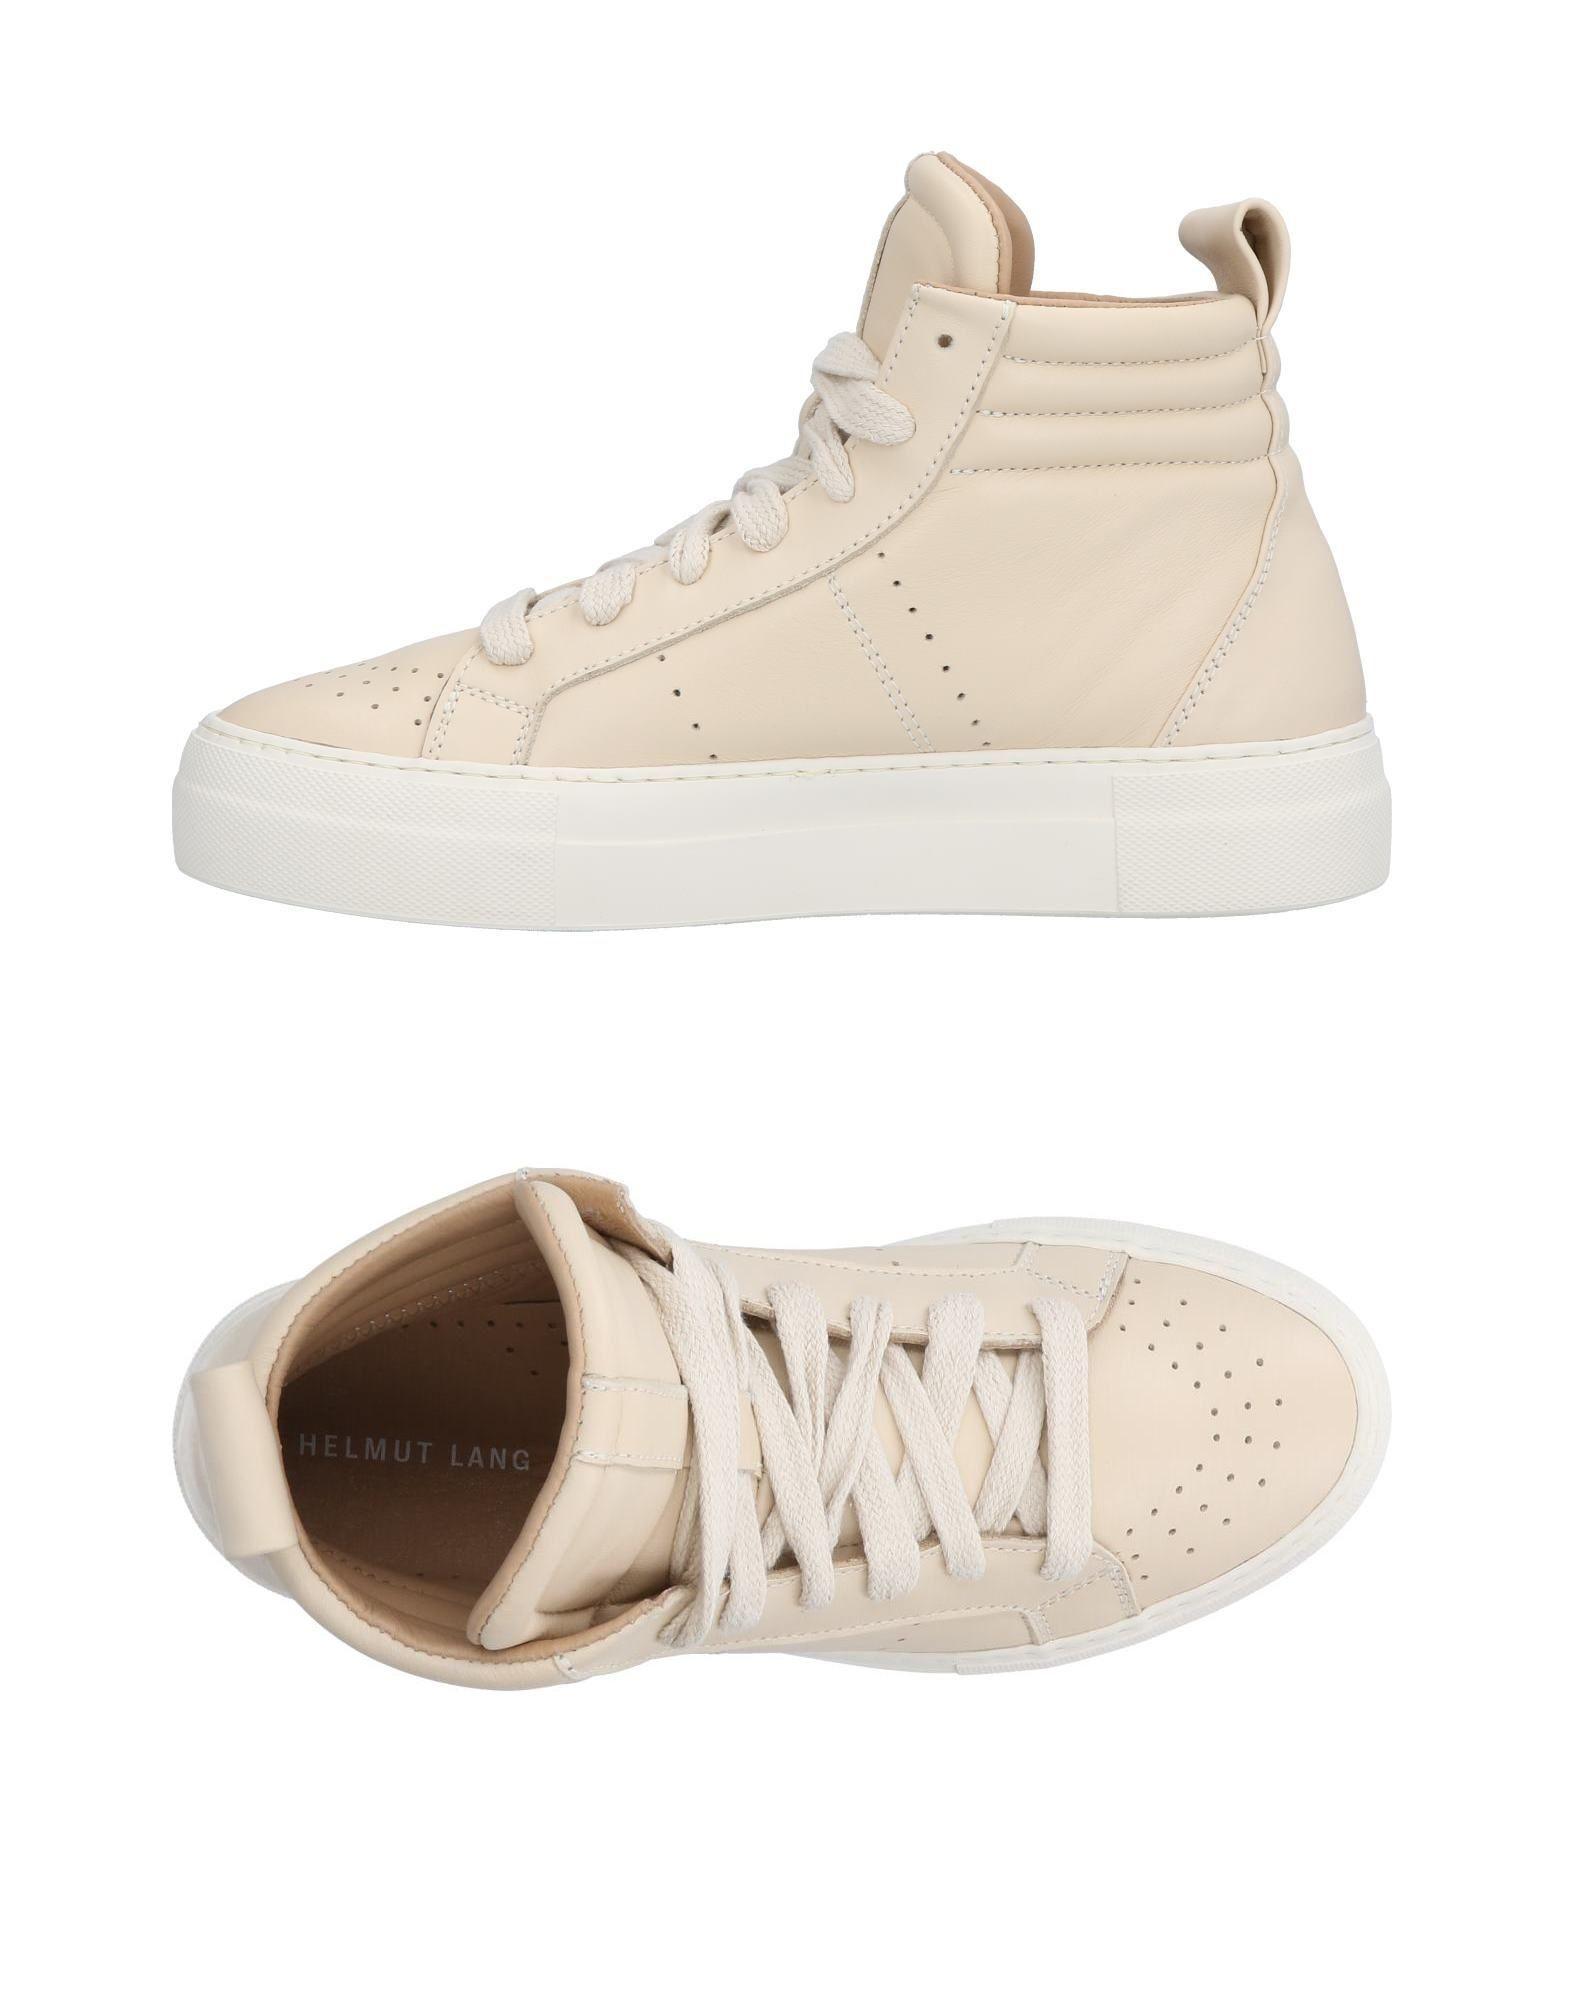 Helmut Lang Sneakers In Beige